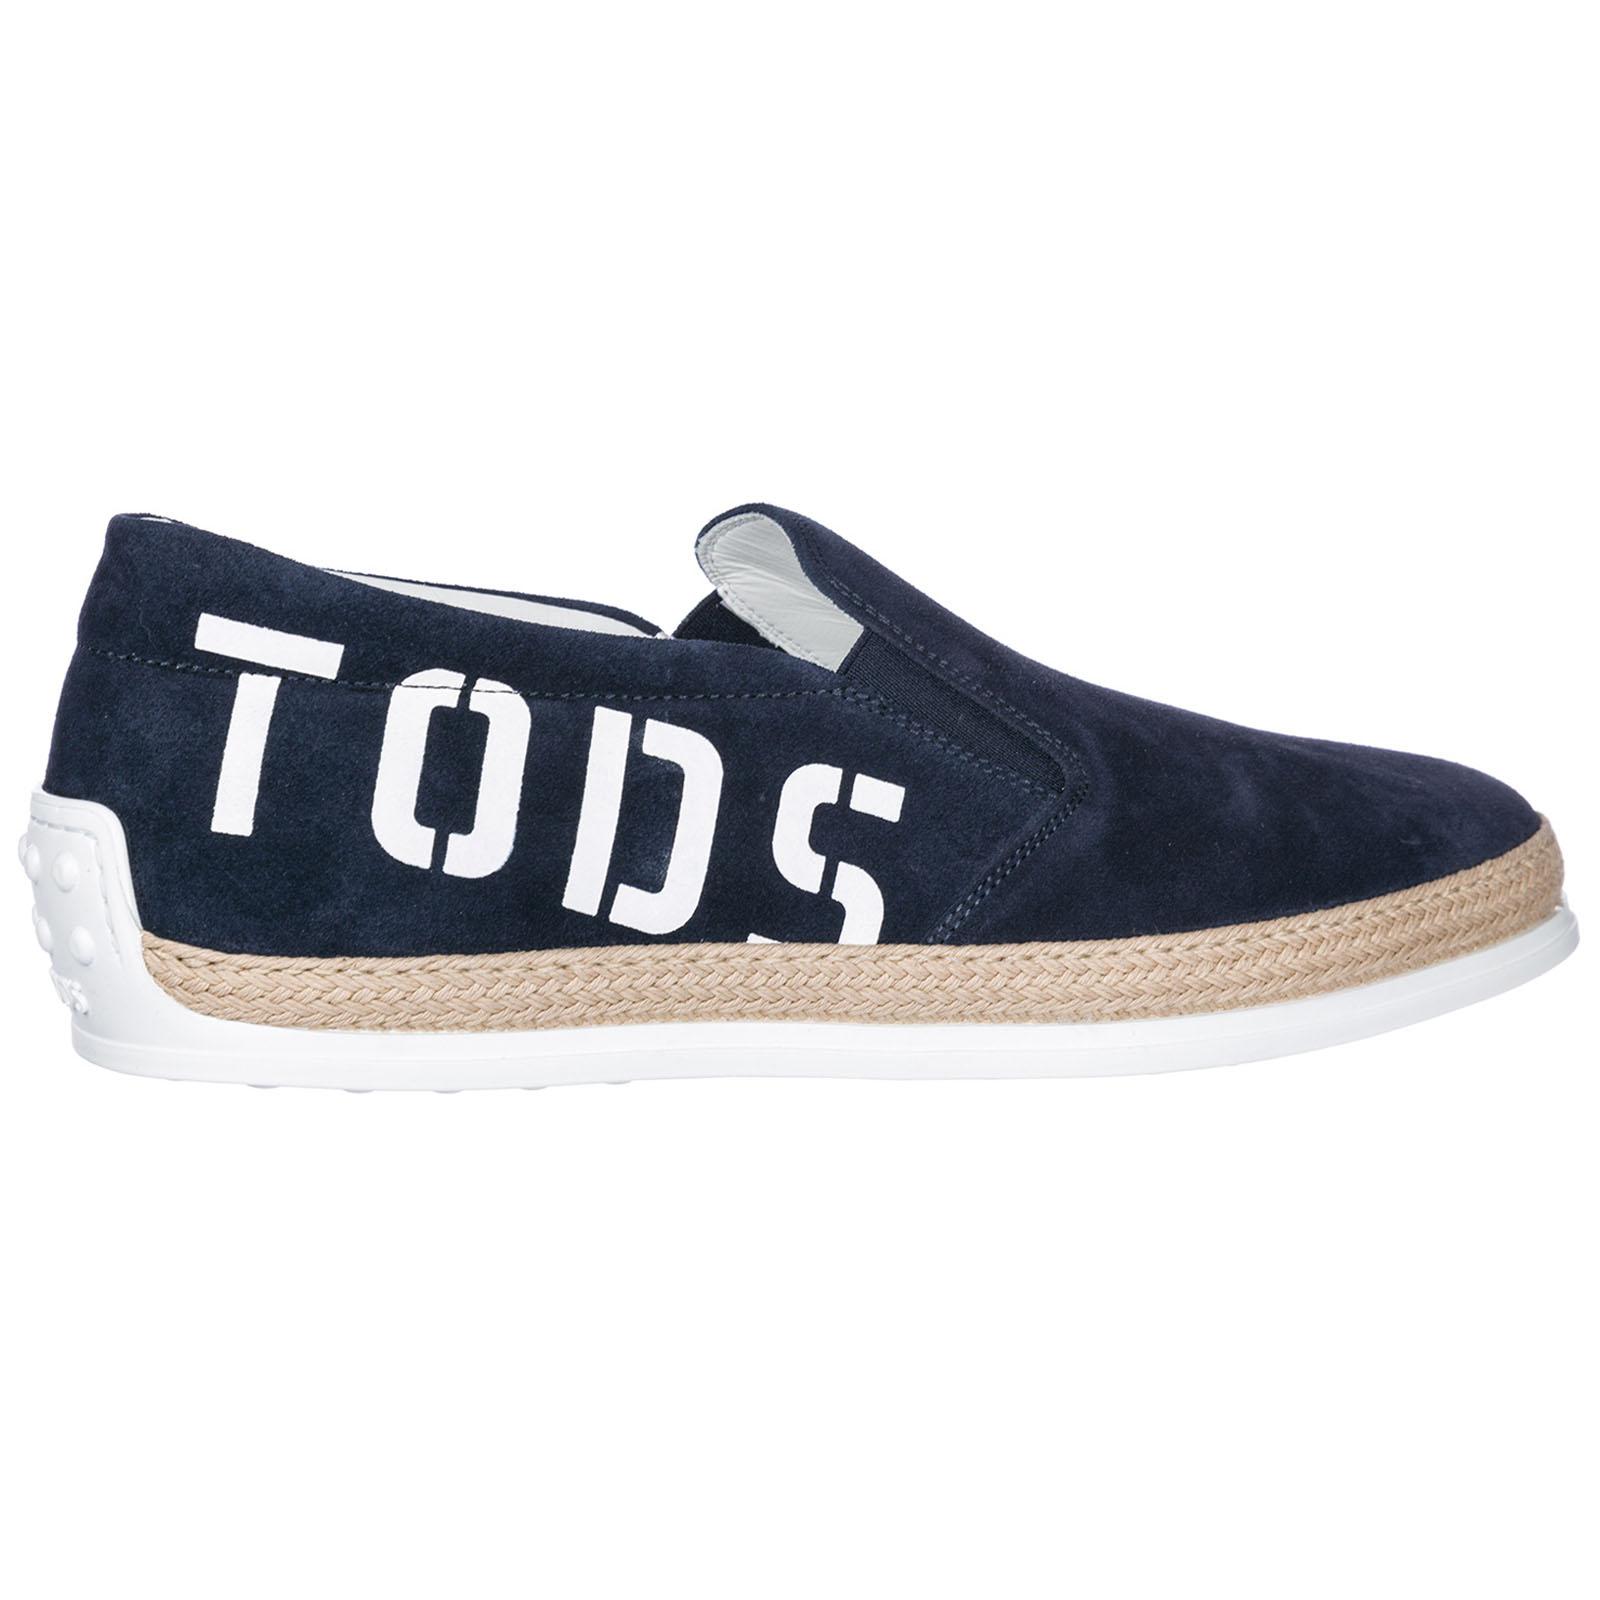 Herren wildleder slip on slipper sneakers